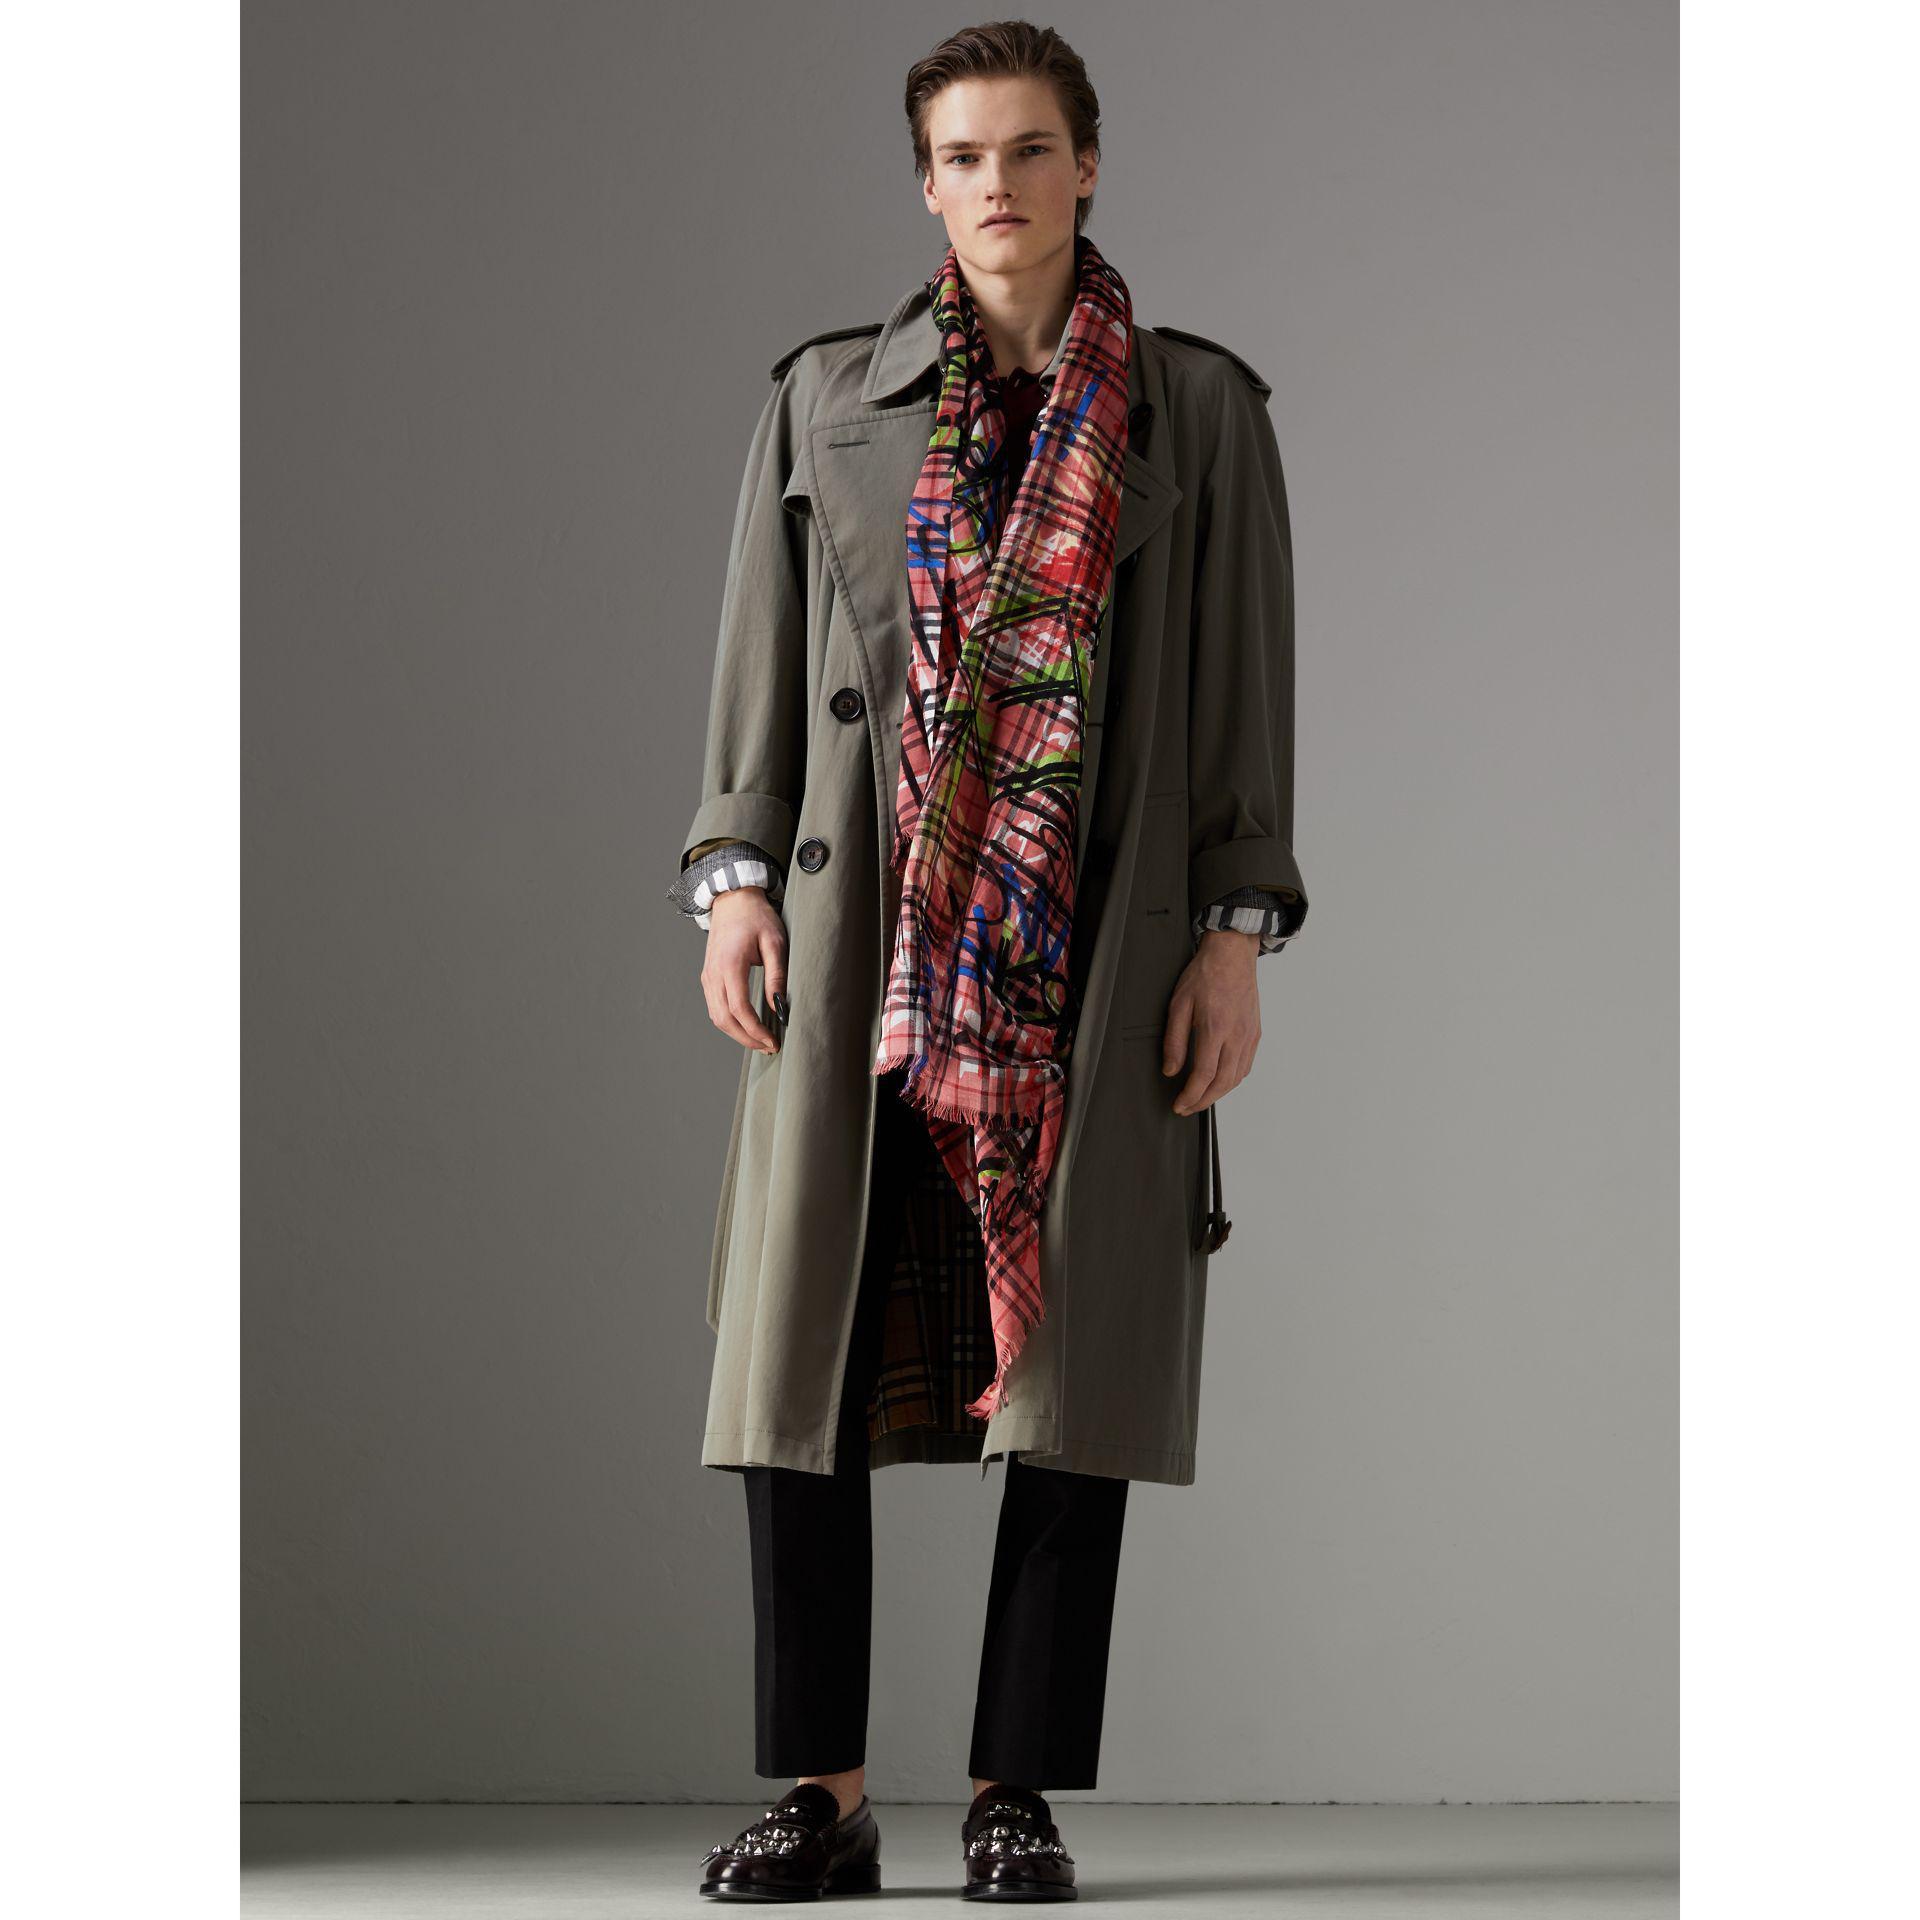 Lyst - Écharpe en laine et soie à motif Vintage check et imprimé ... 3fb03b25bda